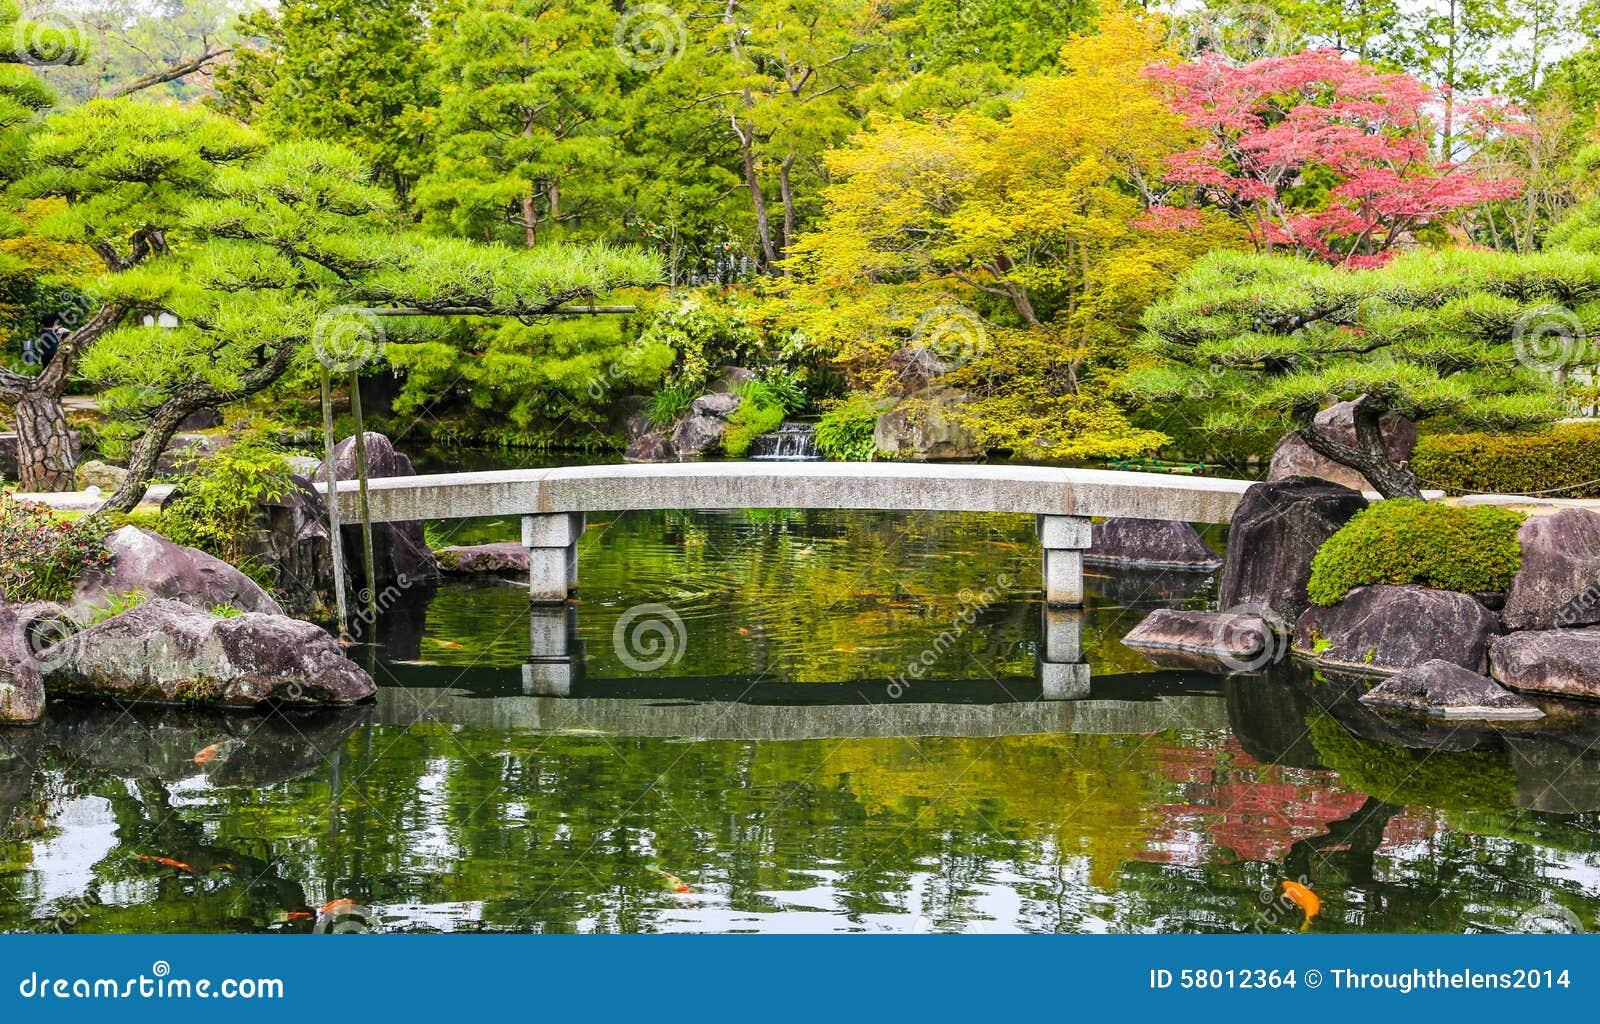 Lo stagno del giardino di zen con il ponte e la carpa for Stagno in giardino